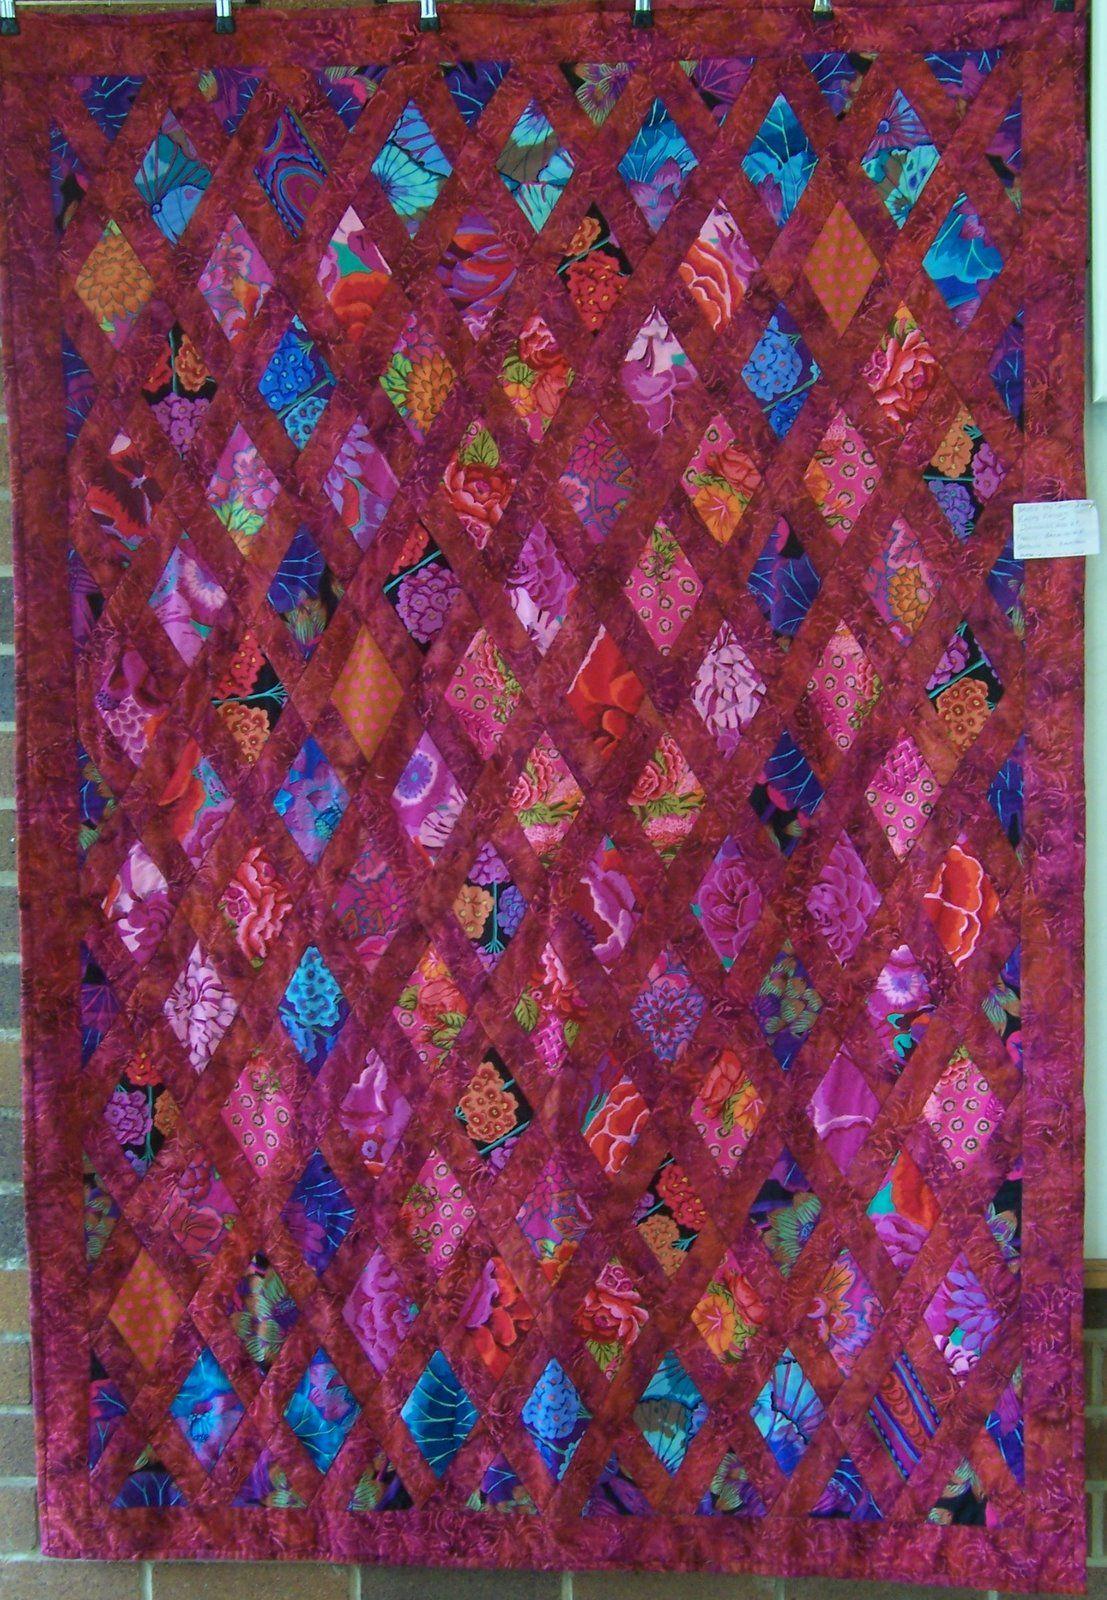 Quilt by Lyn Lloyd, Toowoomba Quilters Club (Australia). Kaffe ... : kaffe fassett quilt kits australia - Adamdwight.com